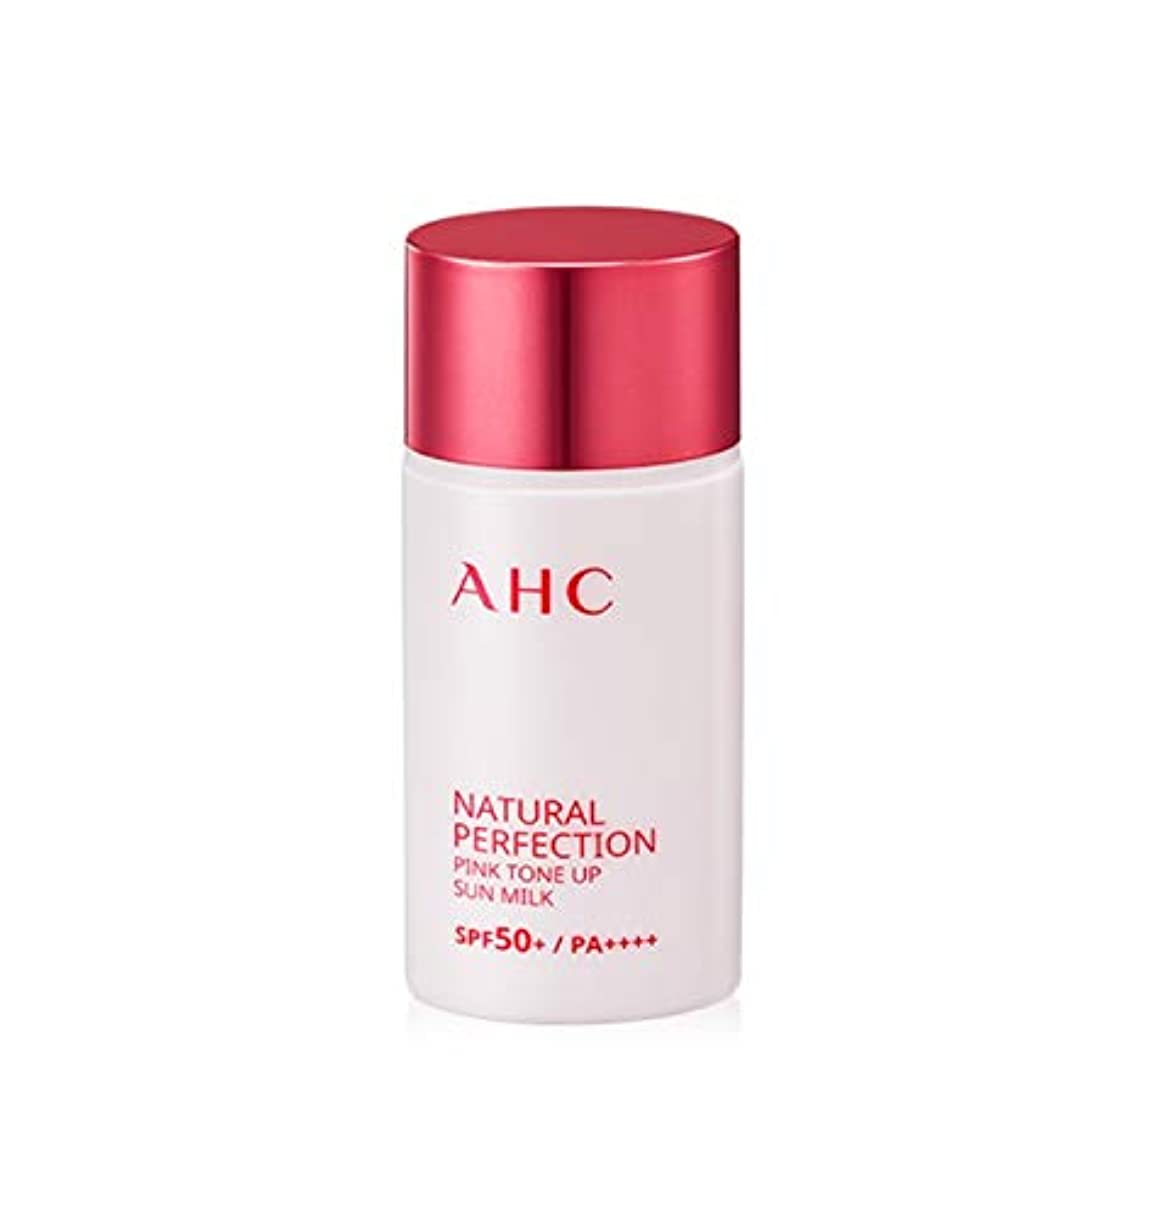 シチリアその花瓶AHC ナチュラルパーフェクションピンクトンオプ線ミルク 40ml / AHC NATURAL PERFECTION PINK TONE UP SUN MILK 40ml [並行輸入品]